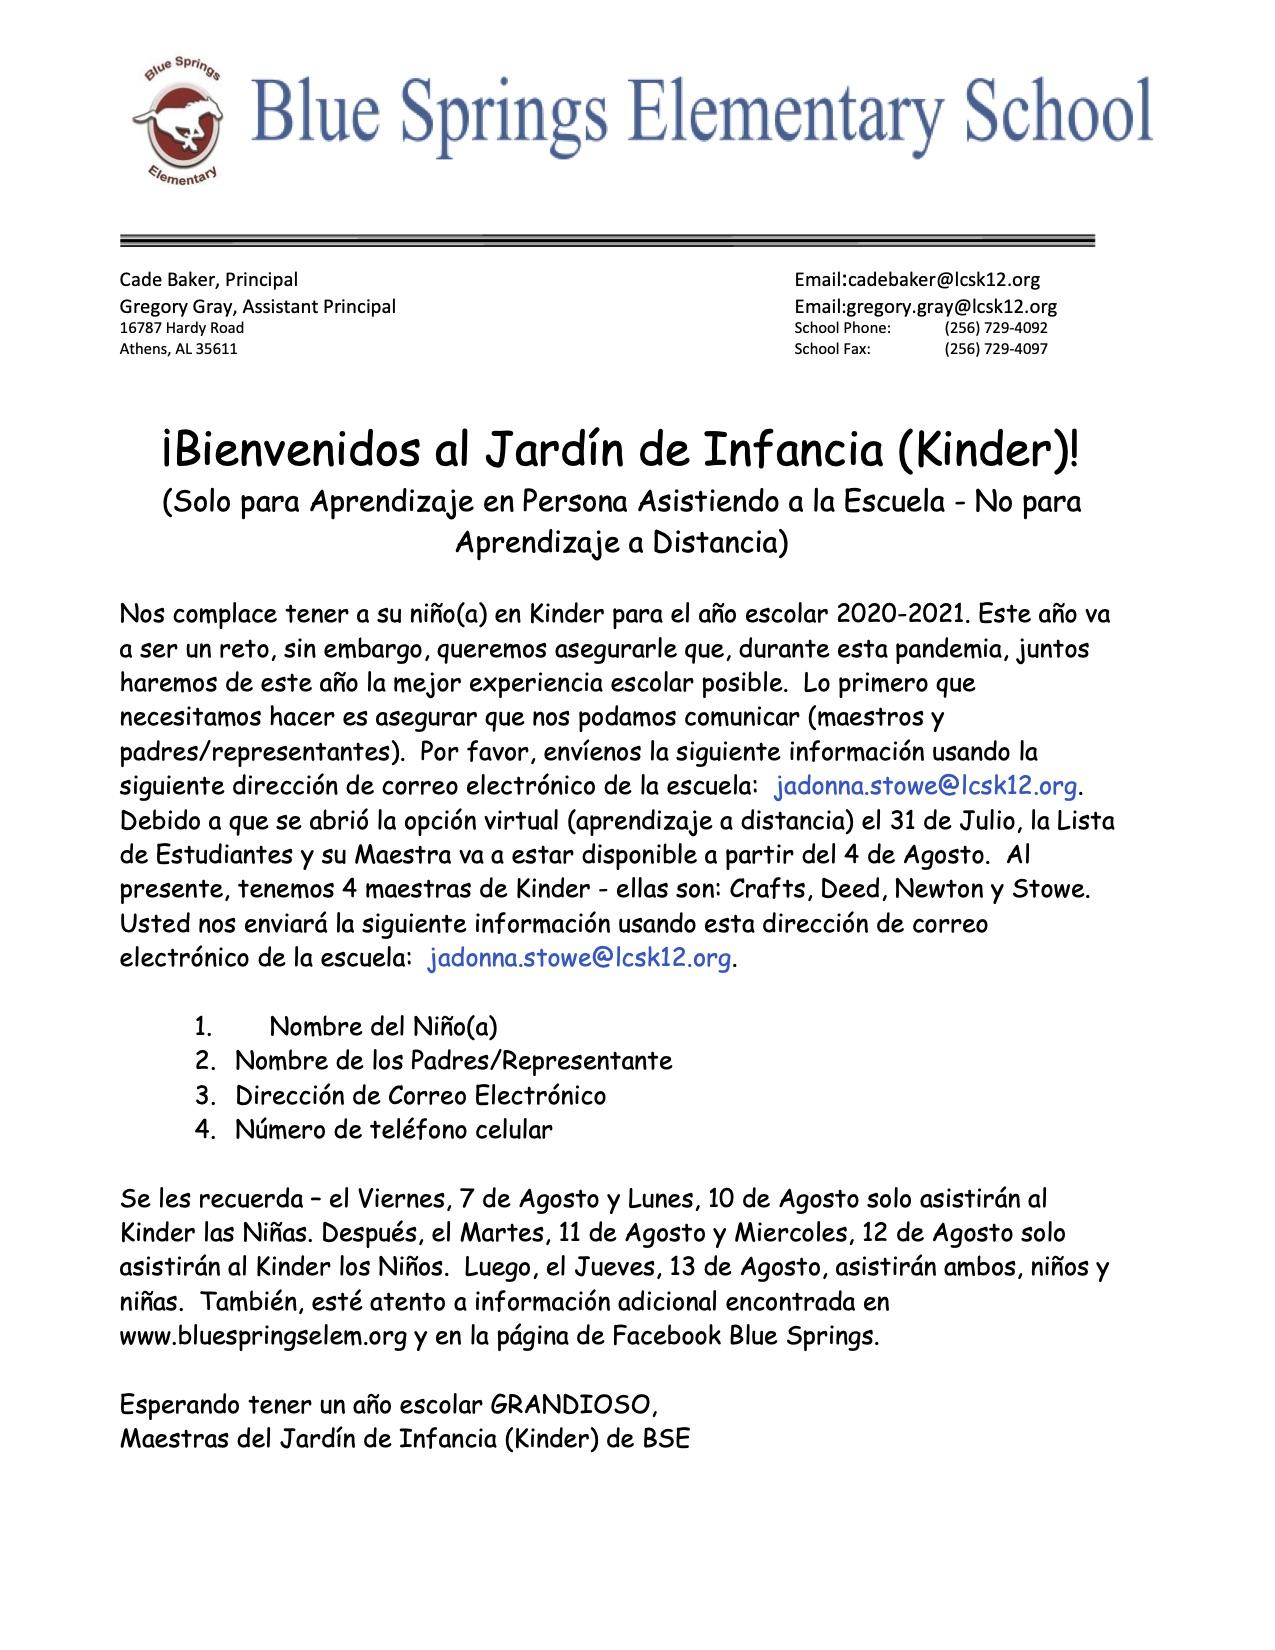 Welcome to Kindergarten`- Spanish